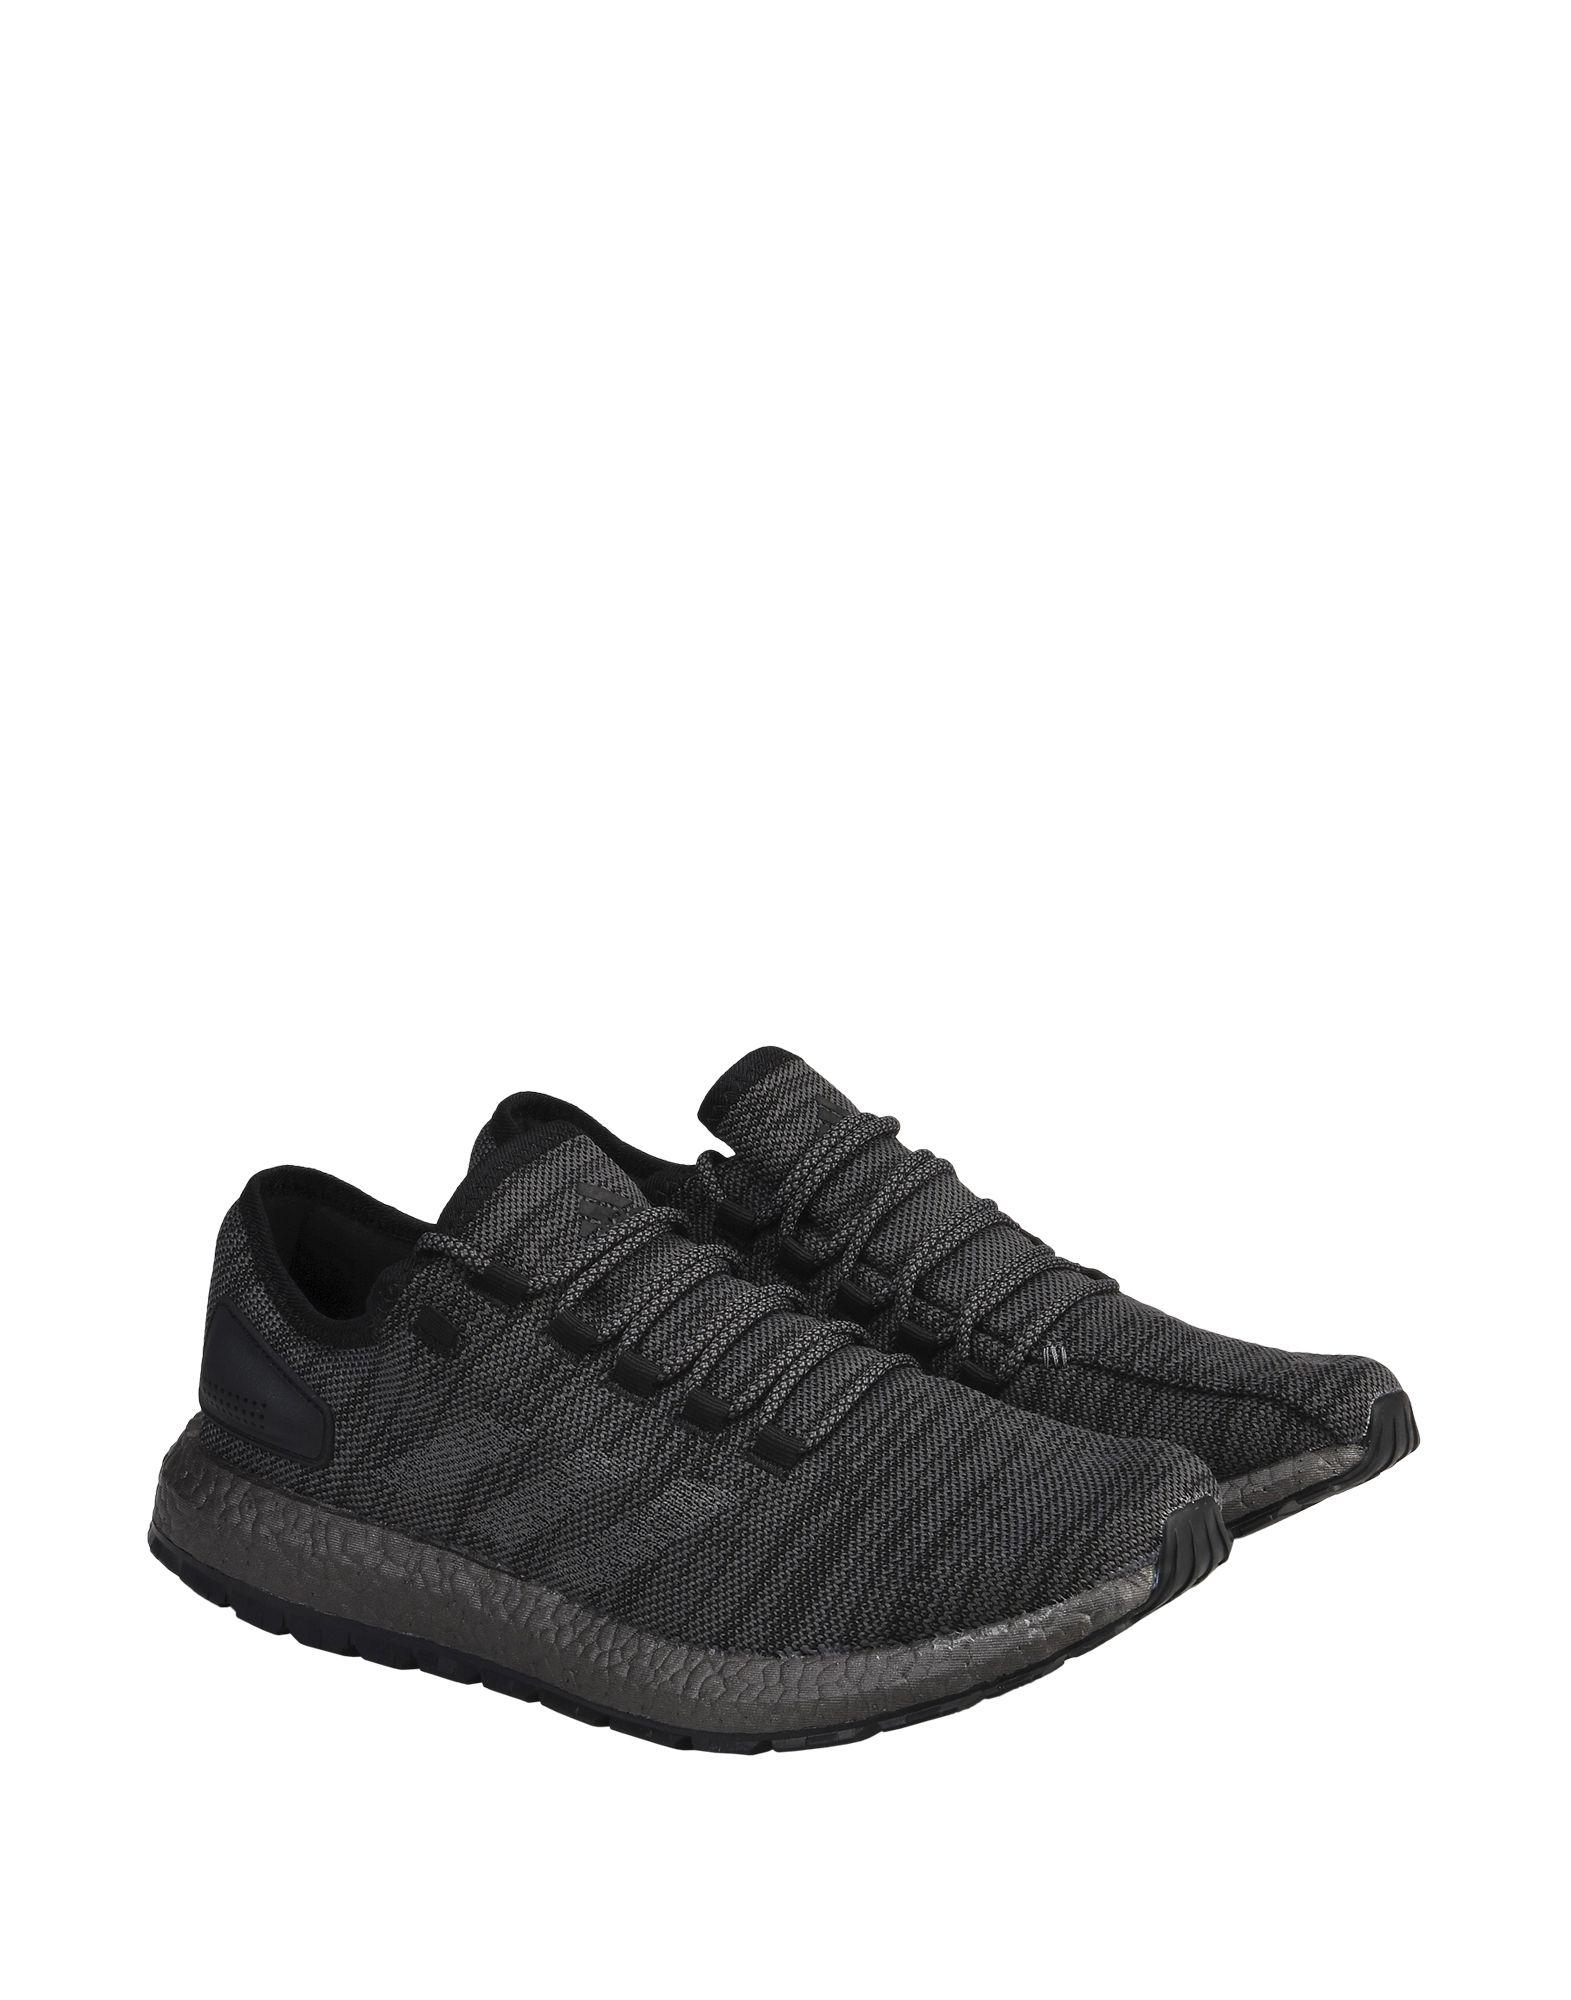 Rabatt echte Schuhe Adidas Pureboost Atr  11385924PK